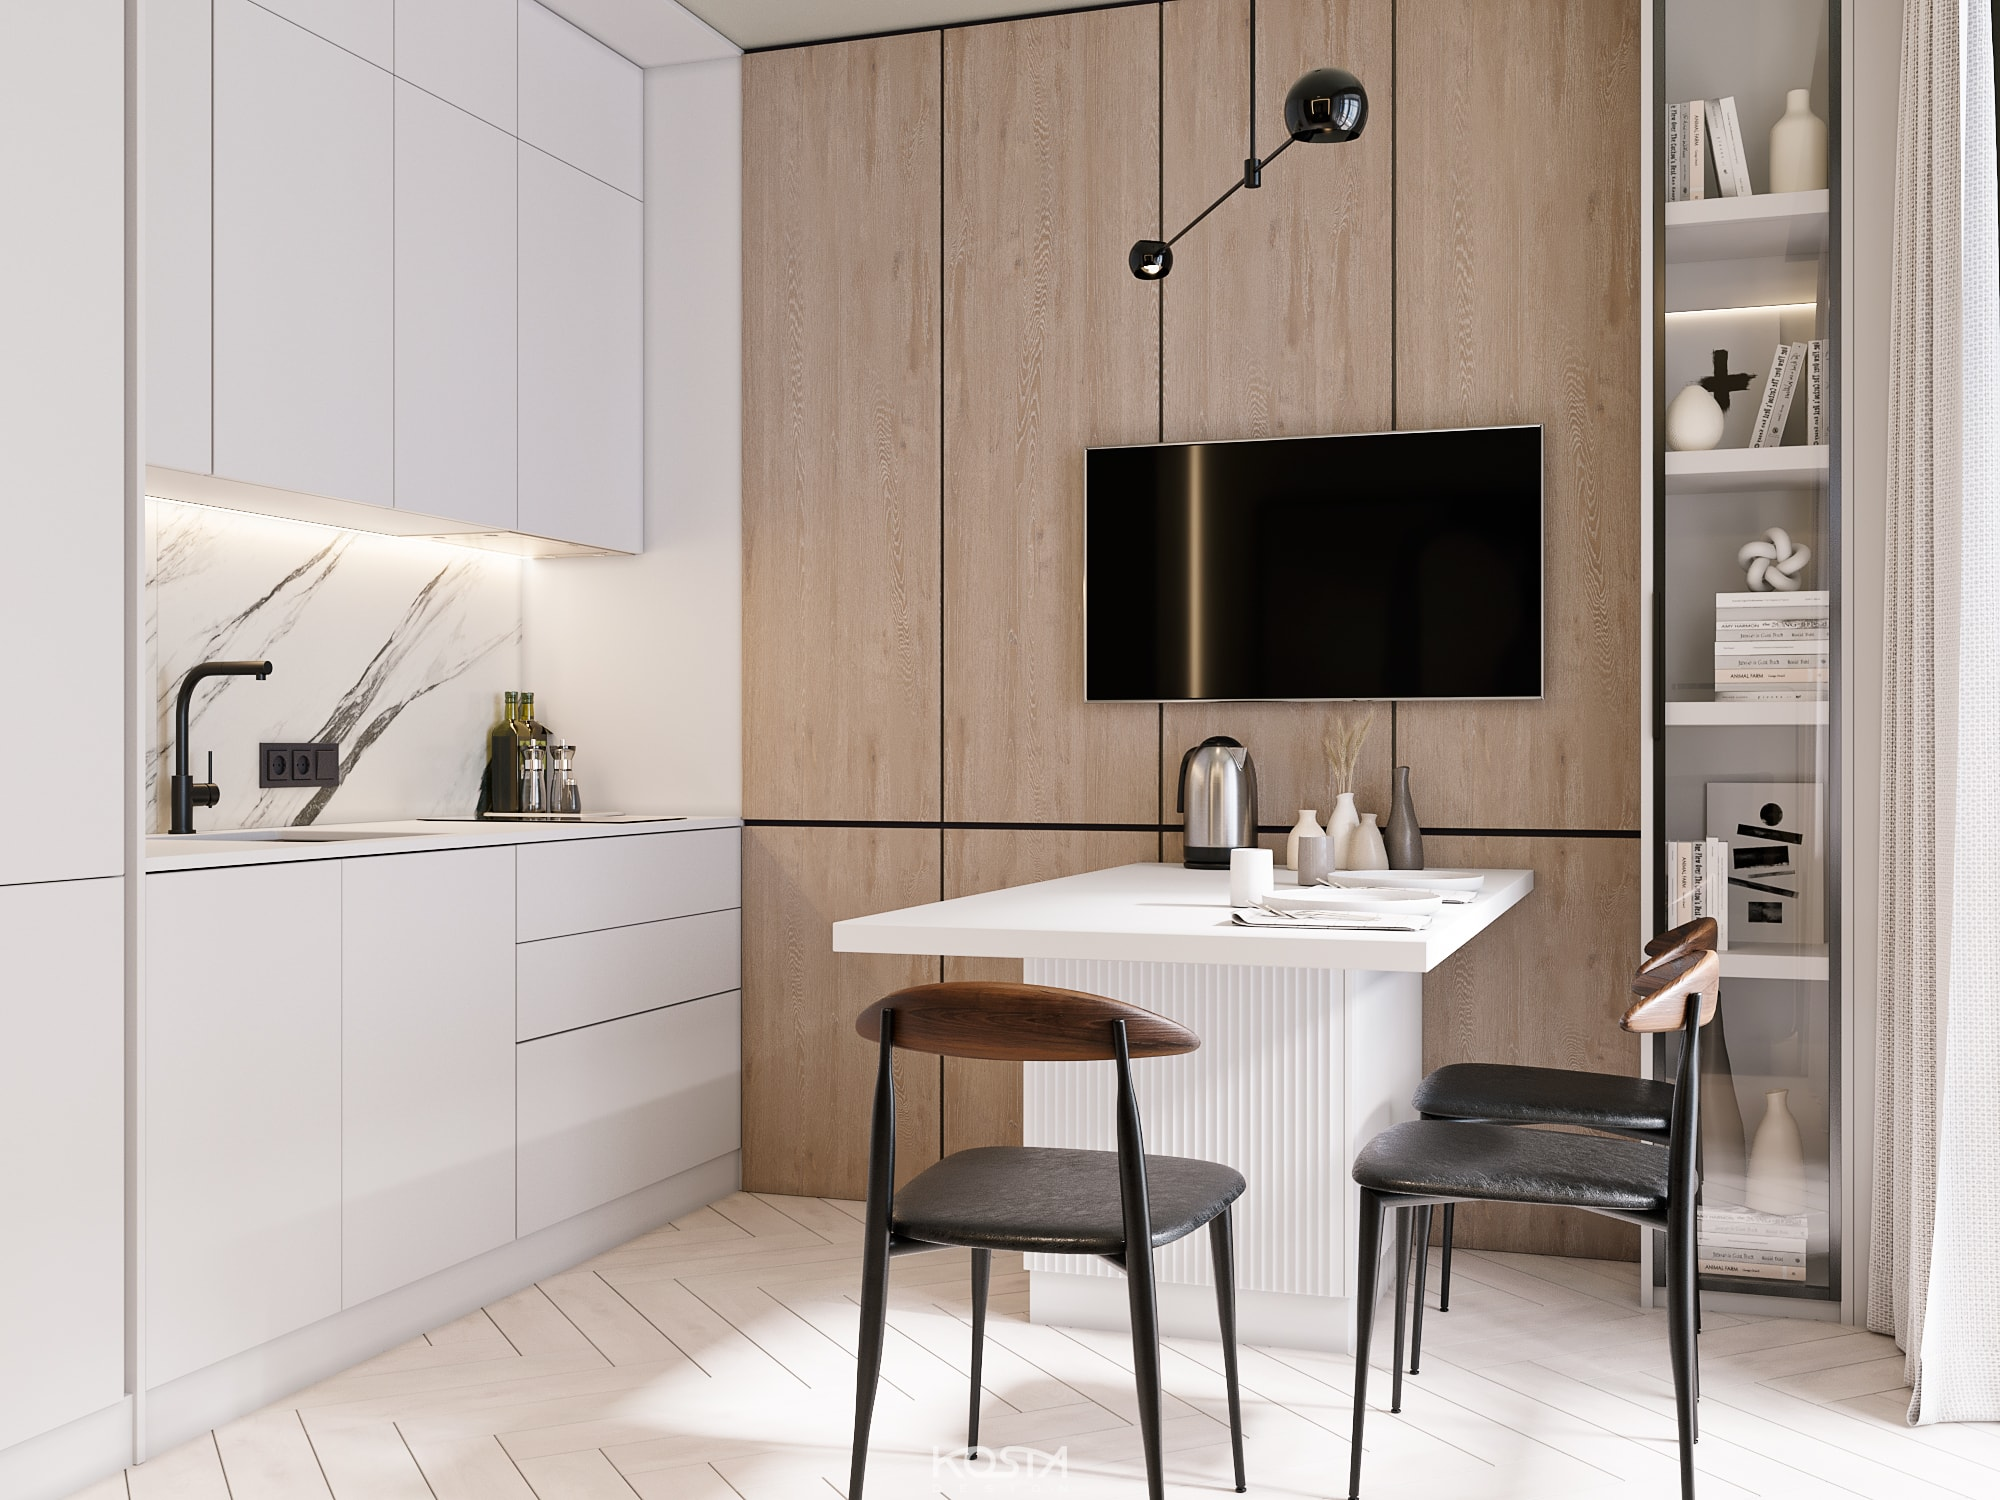 заказать дизайн квартиры в калининграде